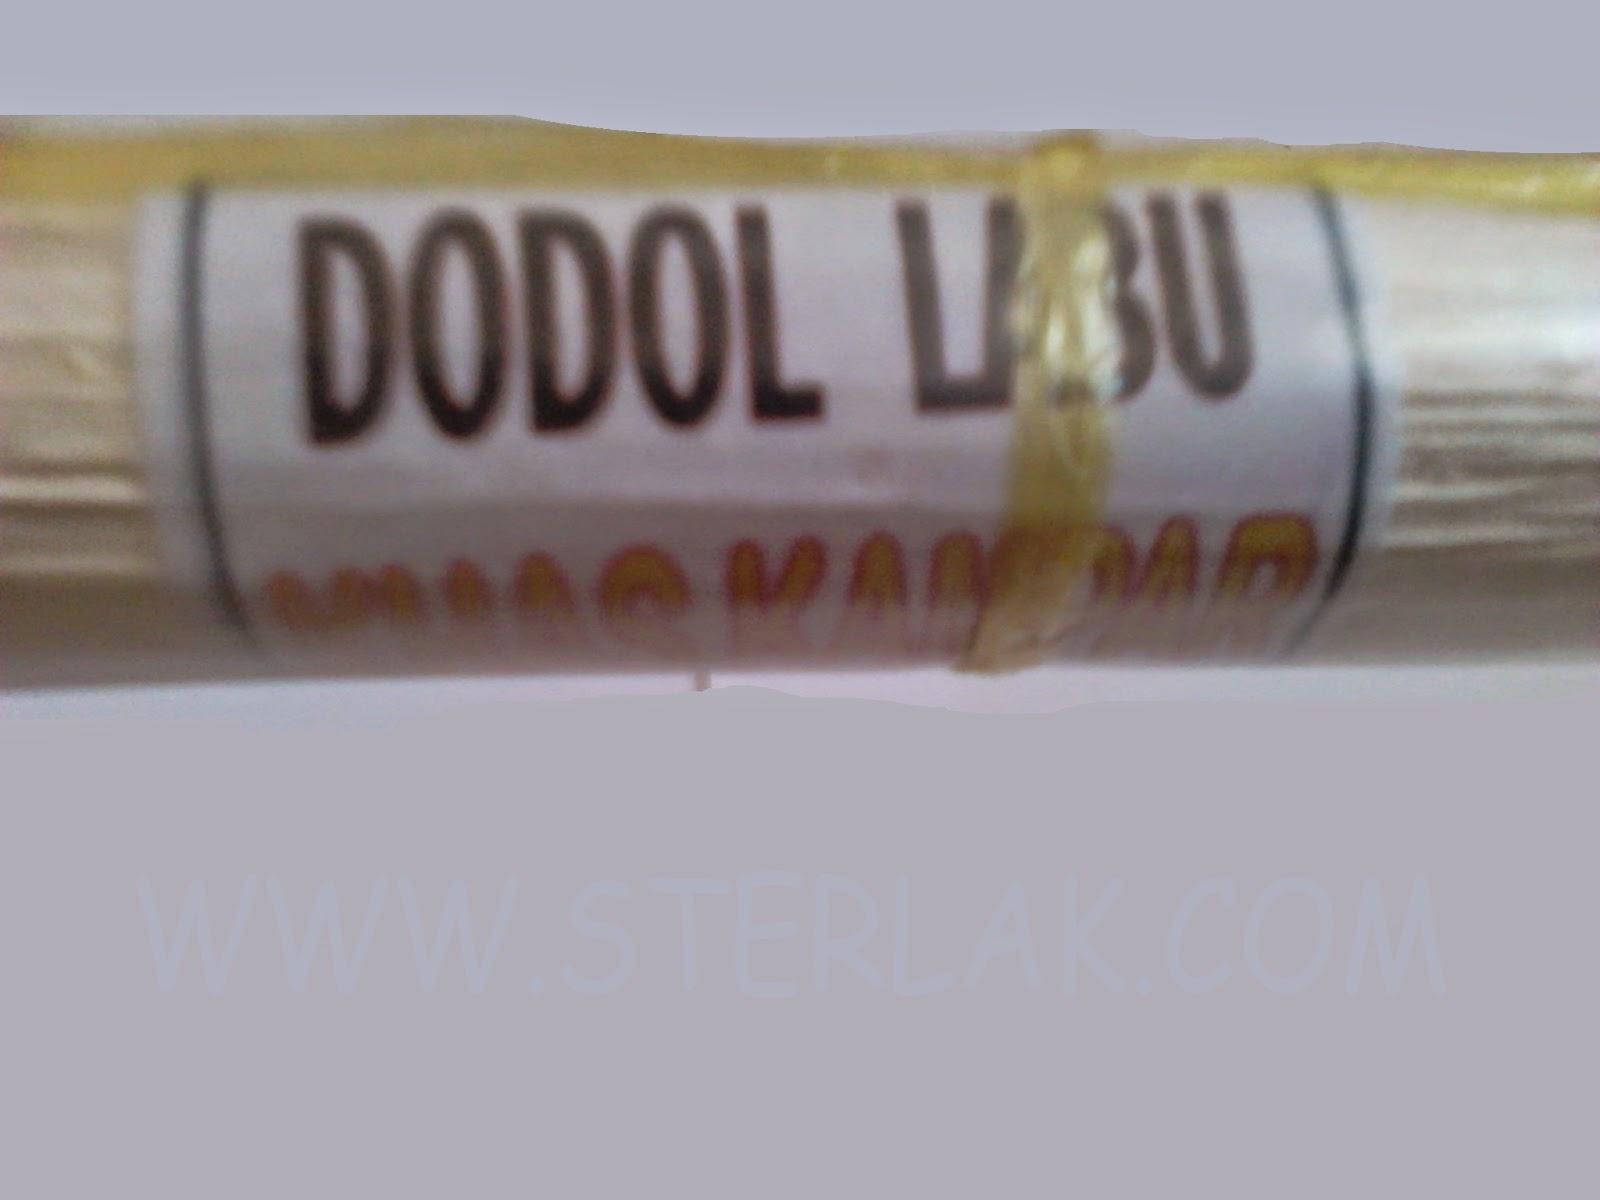 Dodol Labu